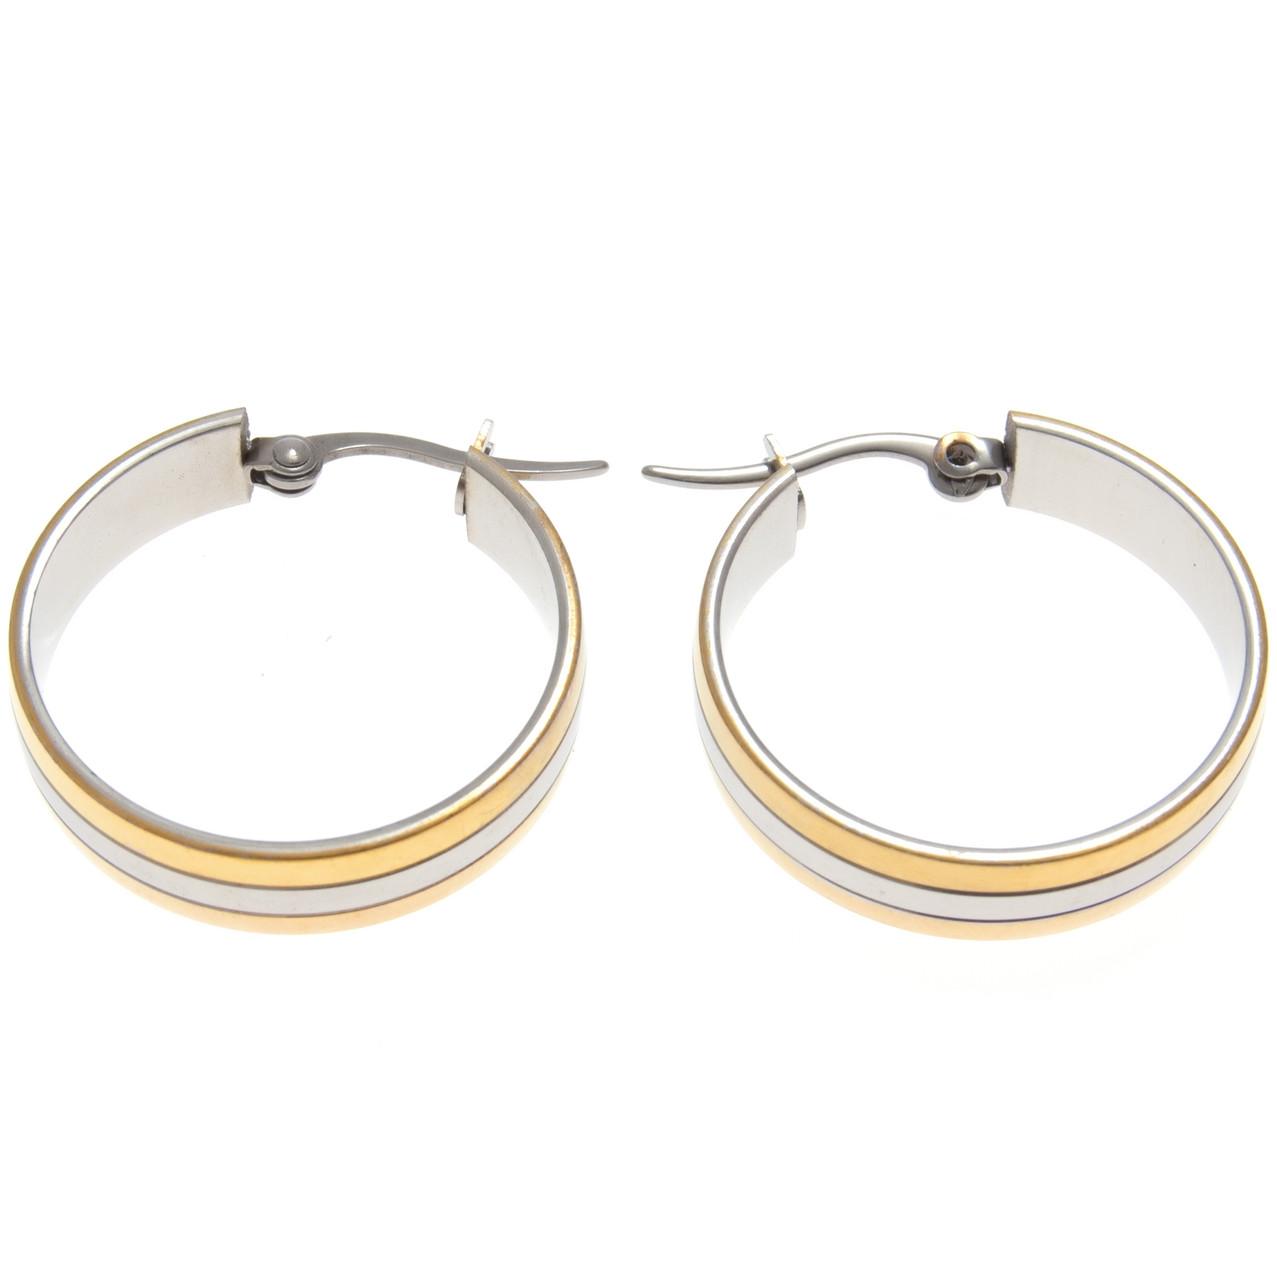 Серьги кольца под серебро с золотыми вставками S001010